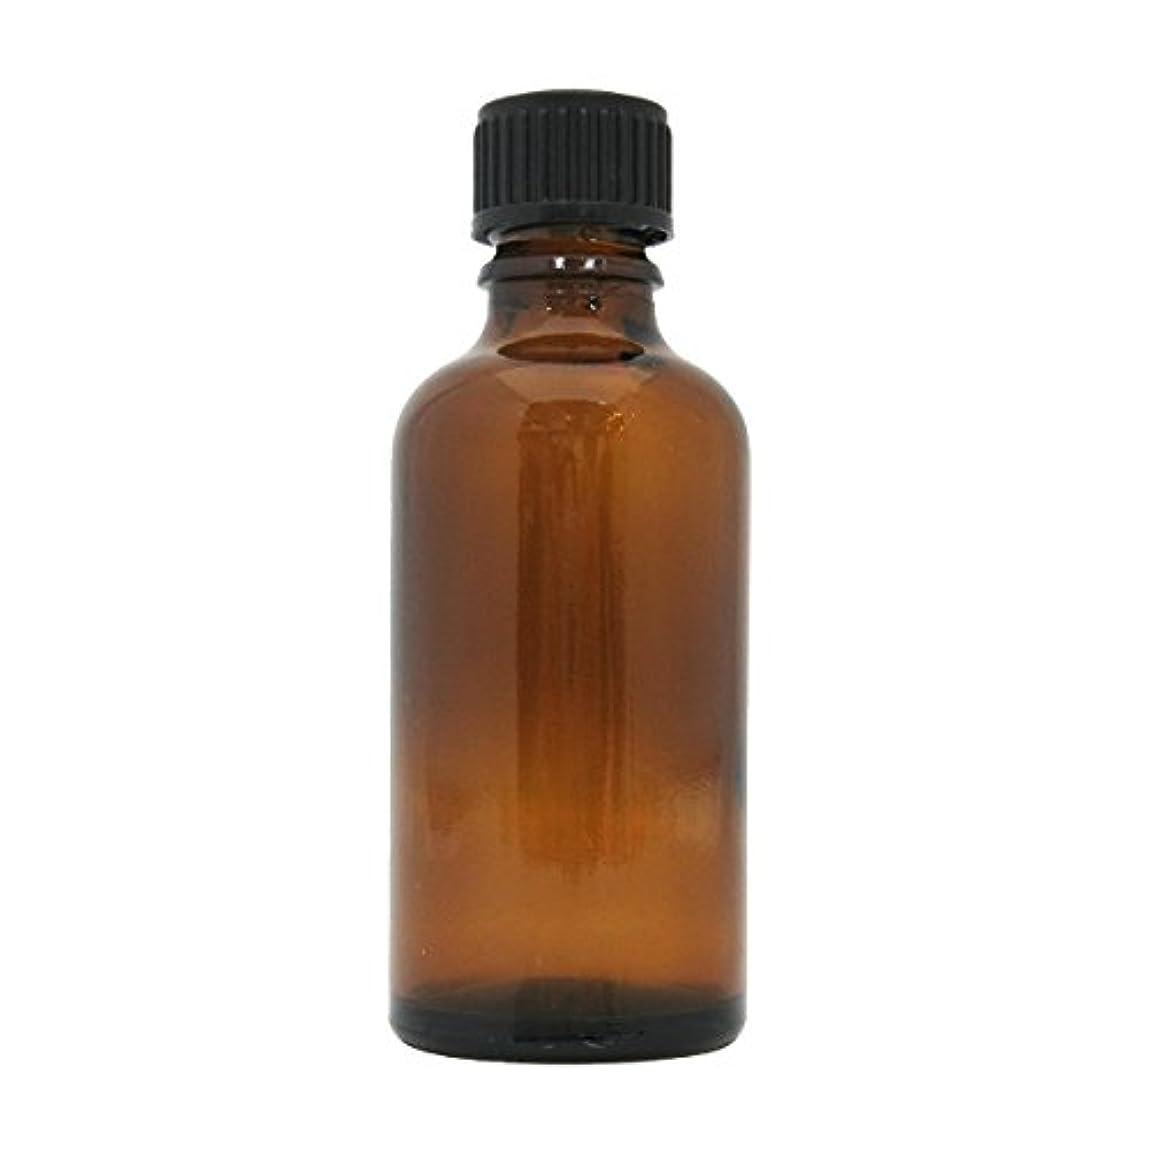 分散トピック塗抹茶色遮光瓶 50ml (ドロッパー付)